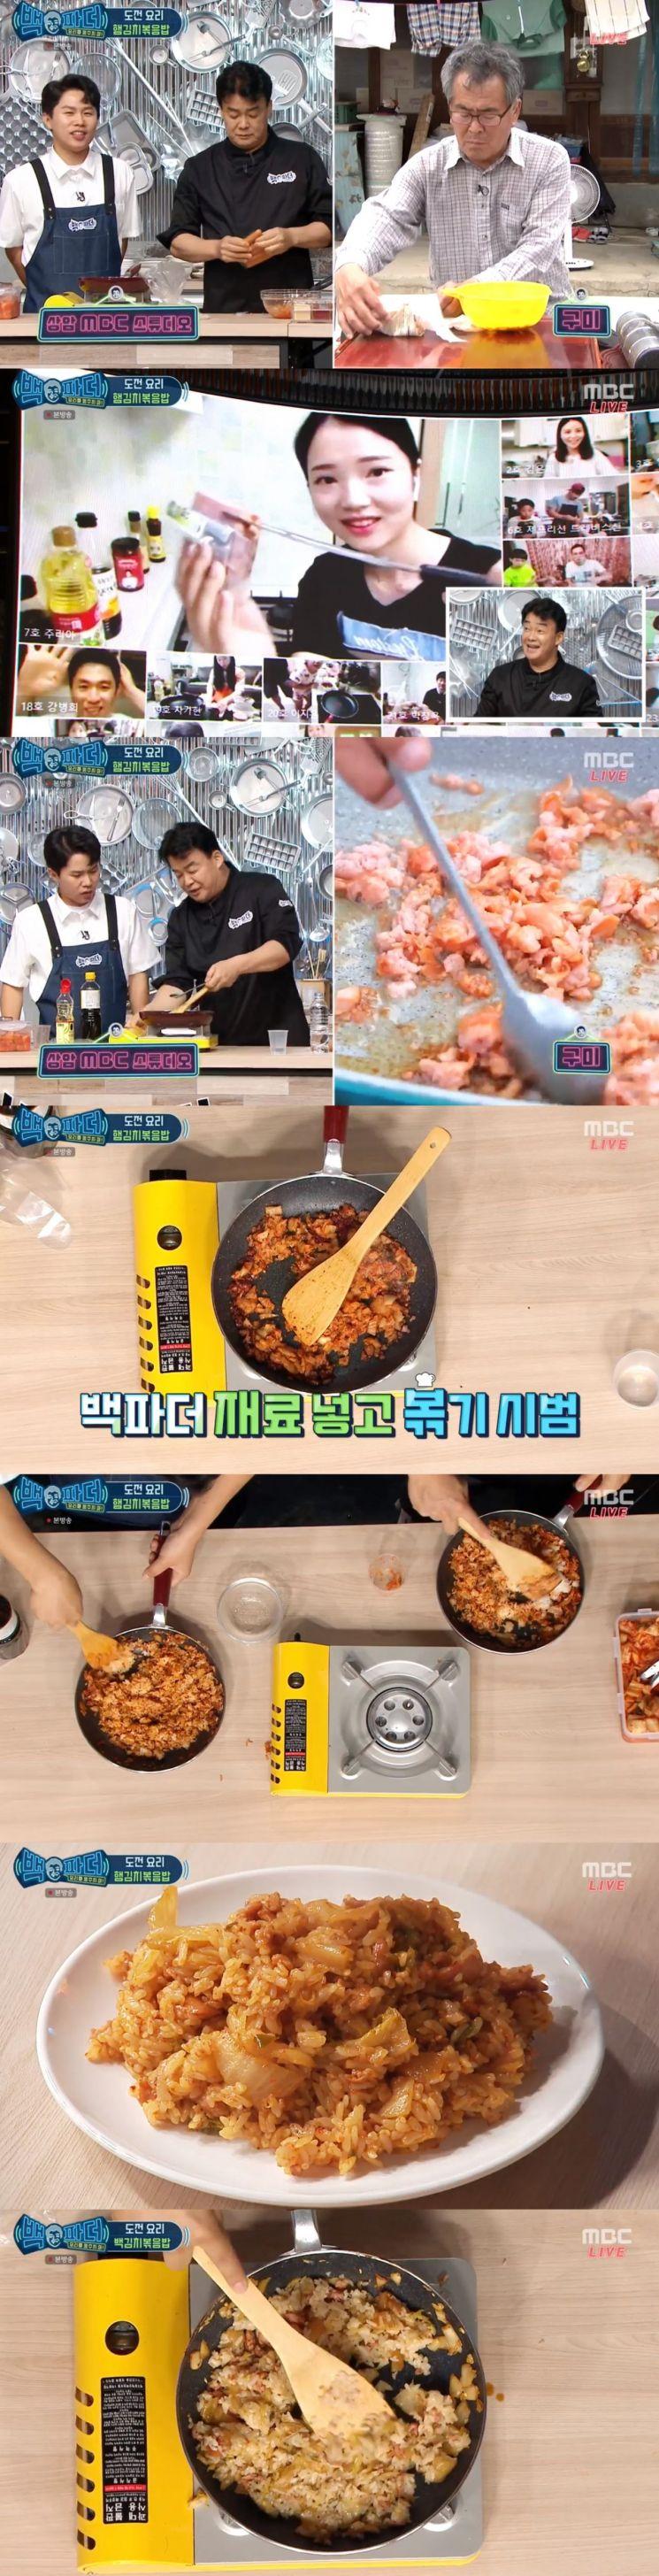 사진='백파더 : 요리를 멈추지 마!' 캡처